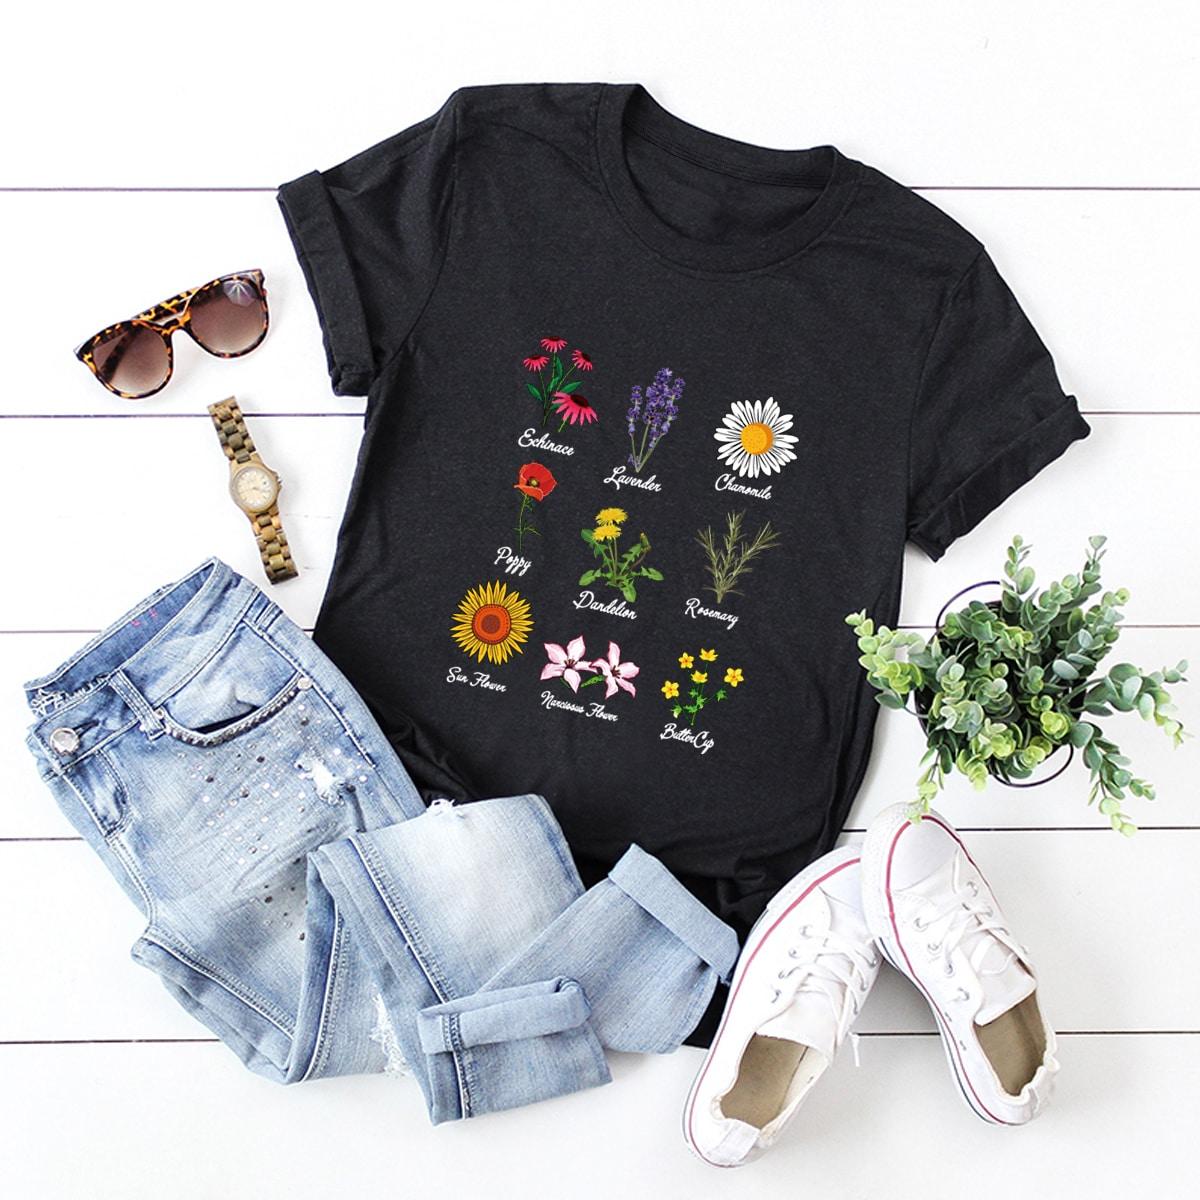 Camiseta con estampado de plantas y letra